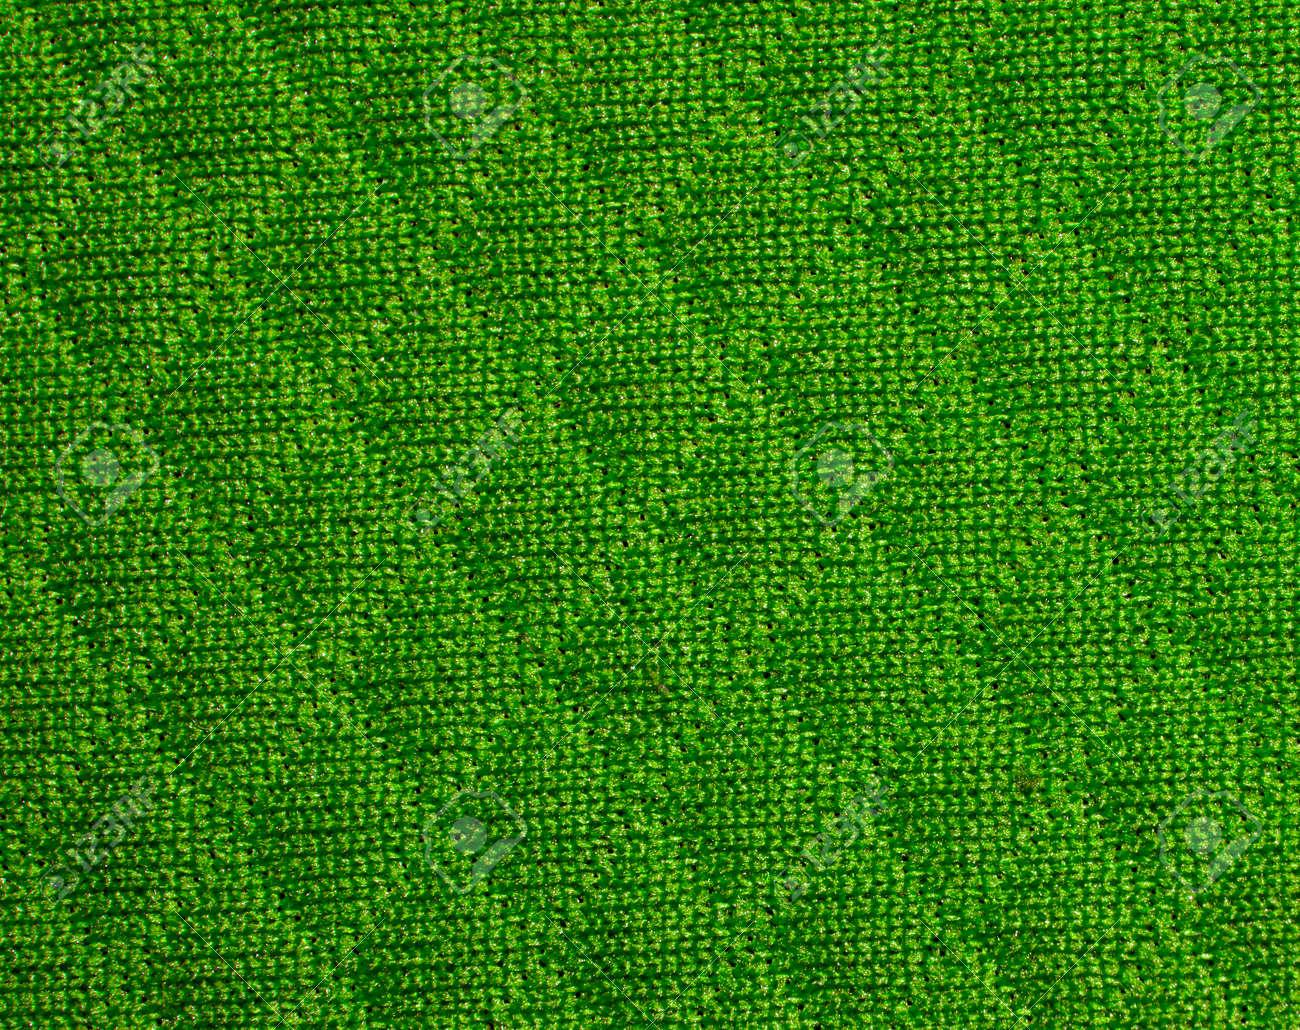 Textura Verde De La Tela Con El Patrón De Diamante. Textura Con ...